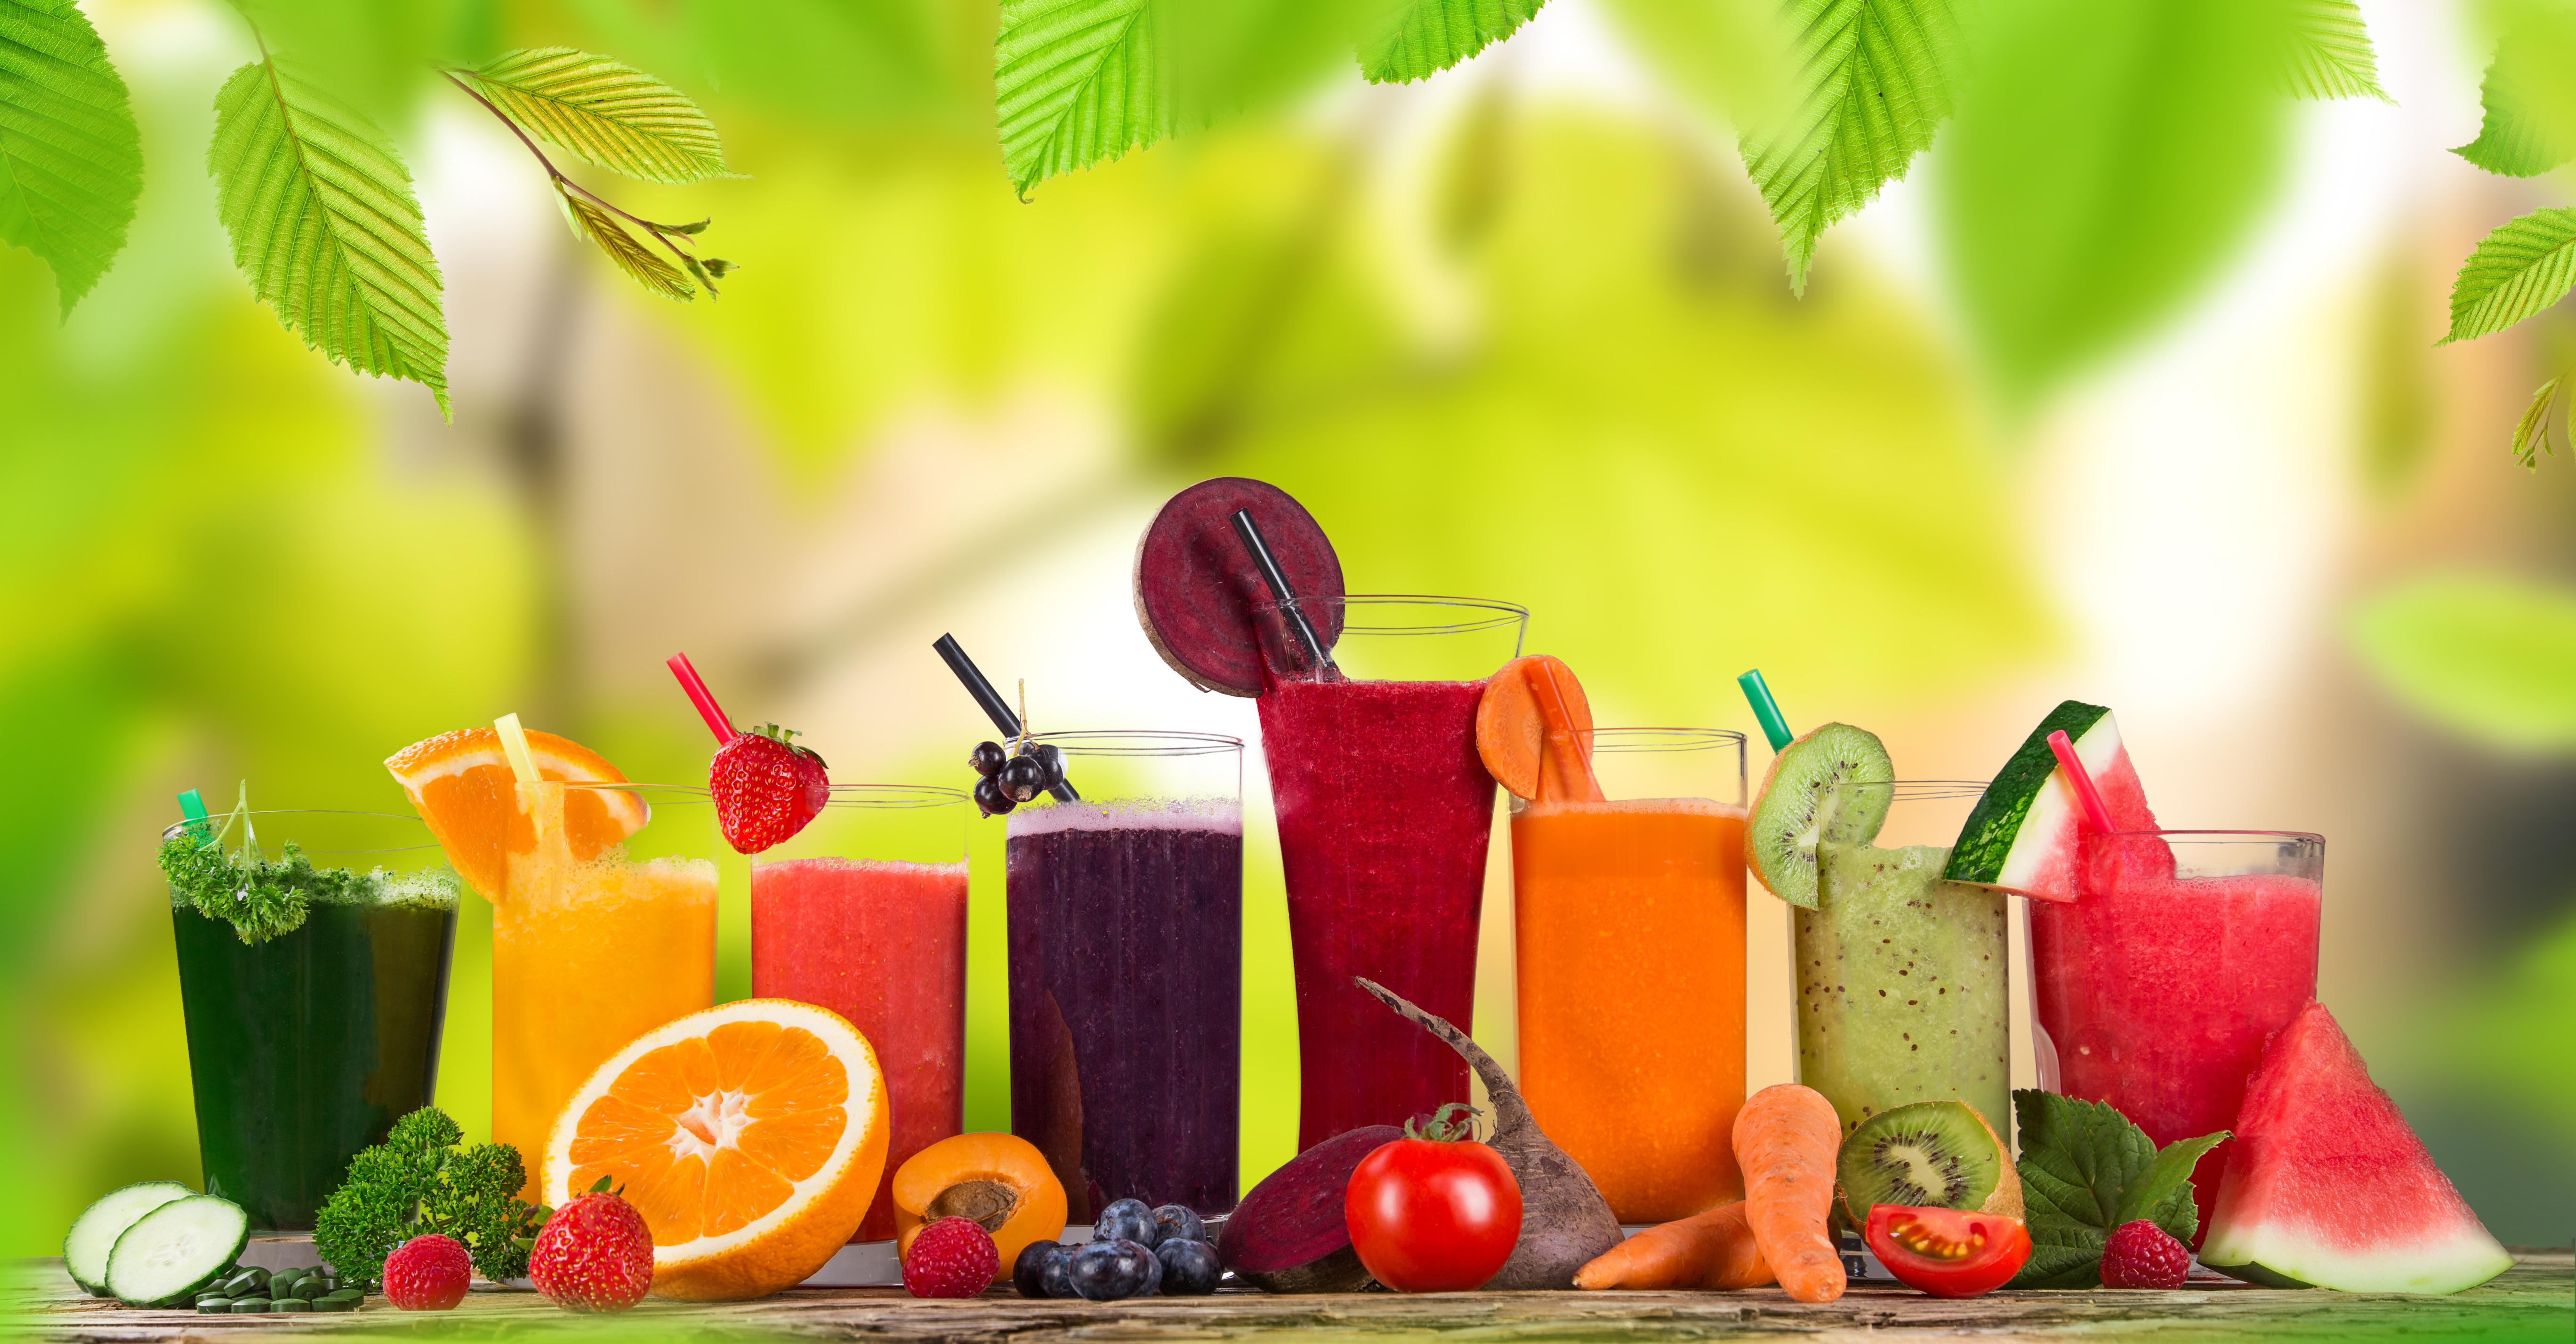 Сокоизстисквачка за плодове и зеленчуци ZEPHYR ZP 1160 JL подходяща за меки и твърди плодове и зеленчуци